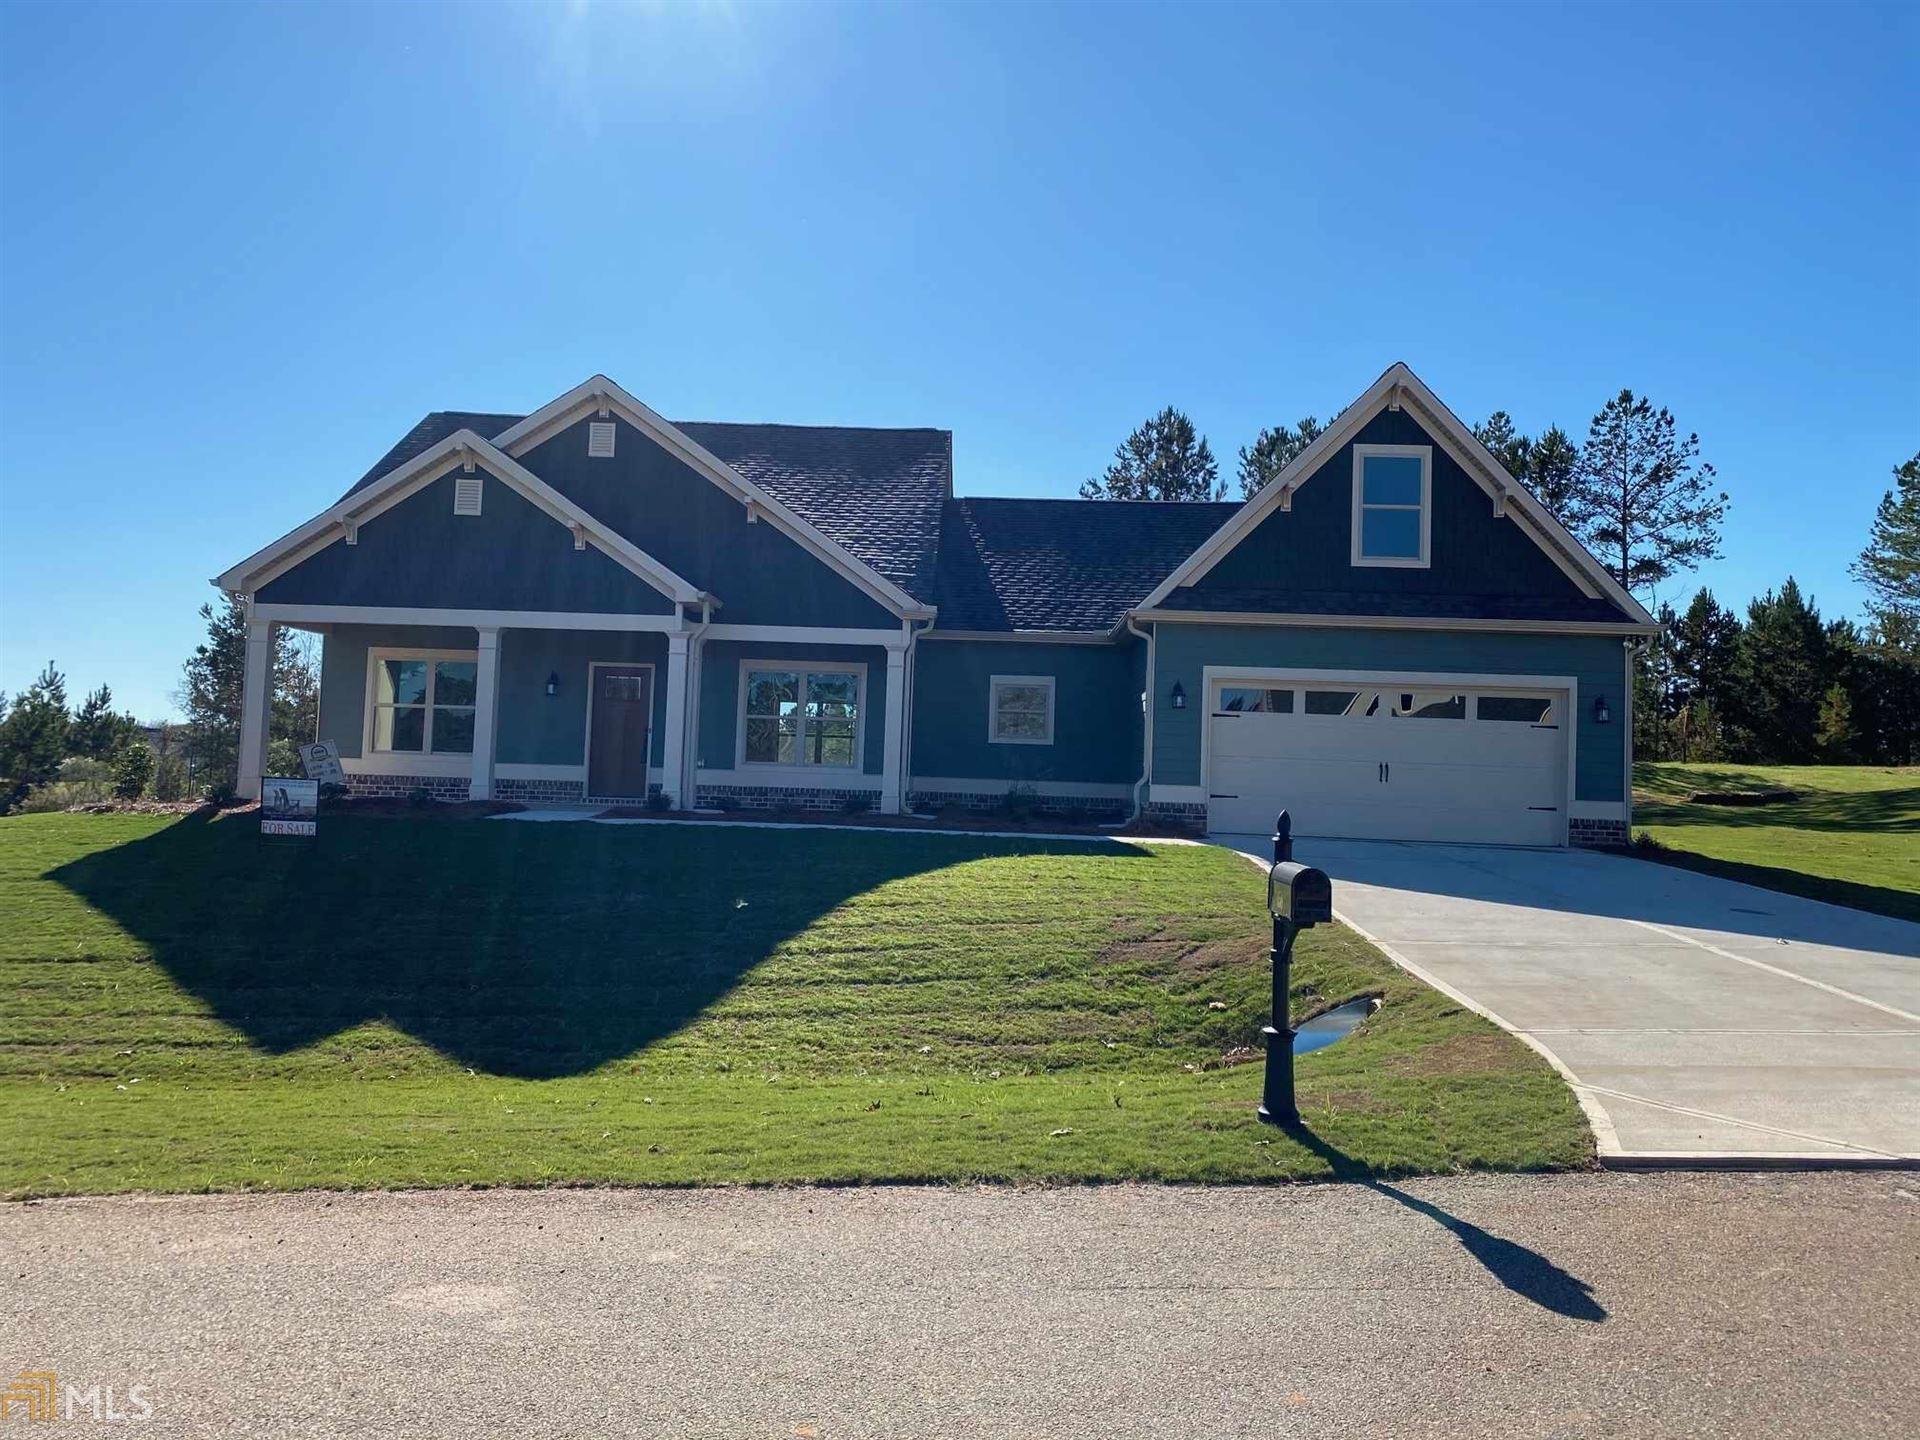 158 Alexander Lakes Dr, Eatonton, GA 31024 - MLS#: 8822810